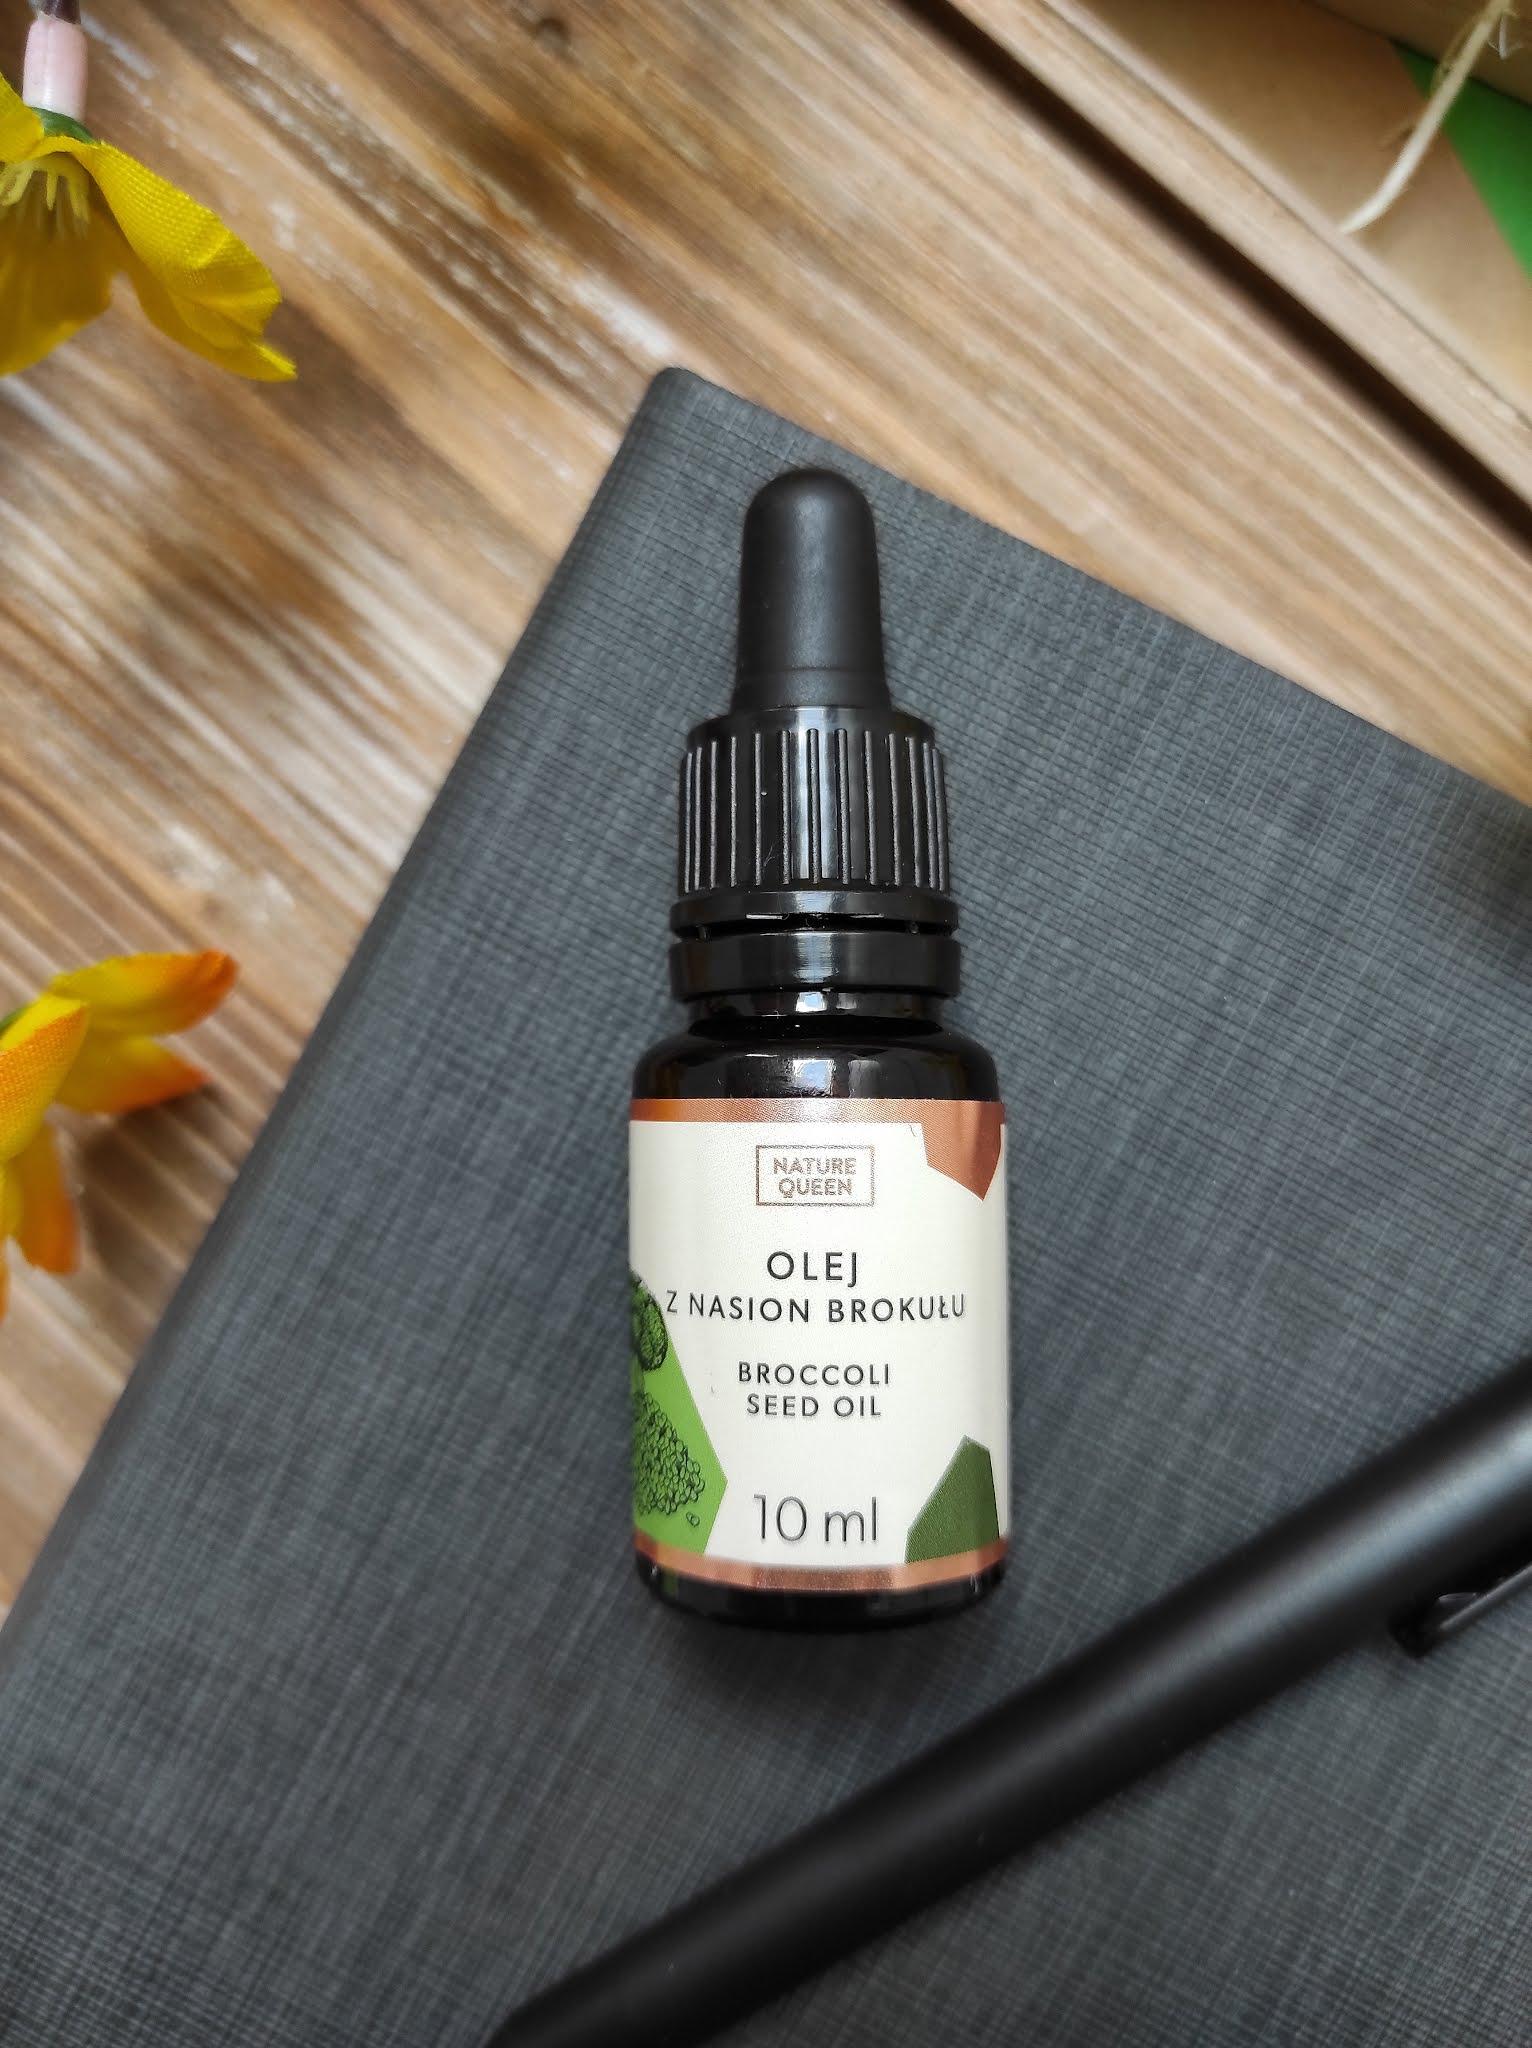 Olej z nasion brokułu Nature Queen